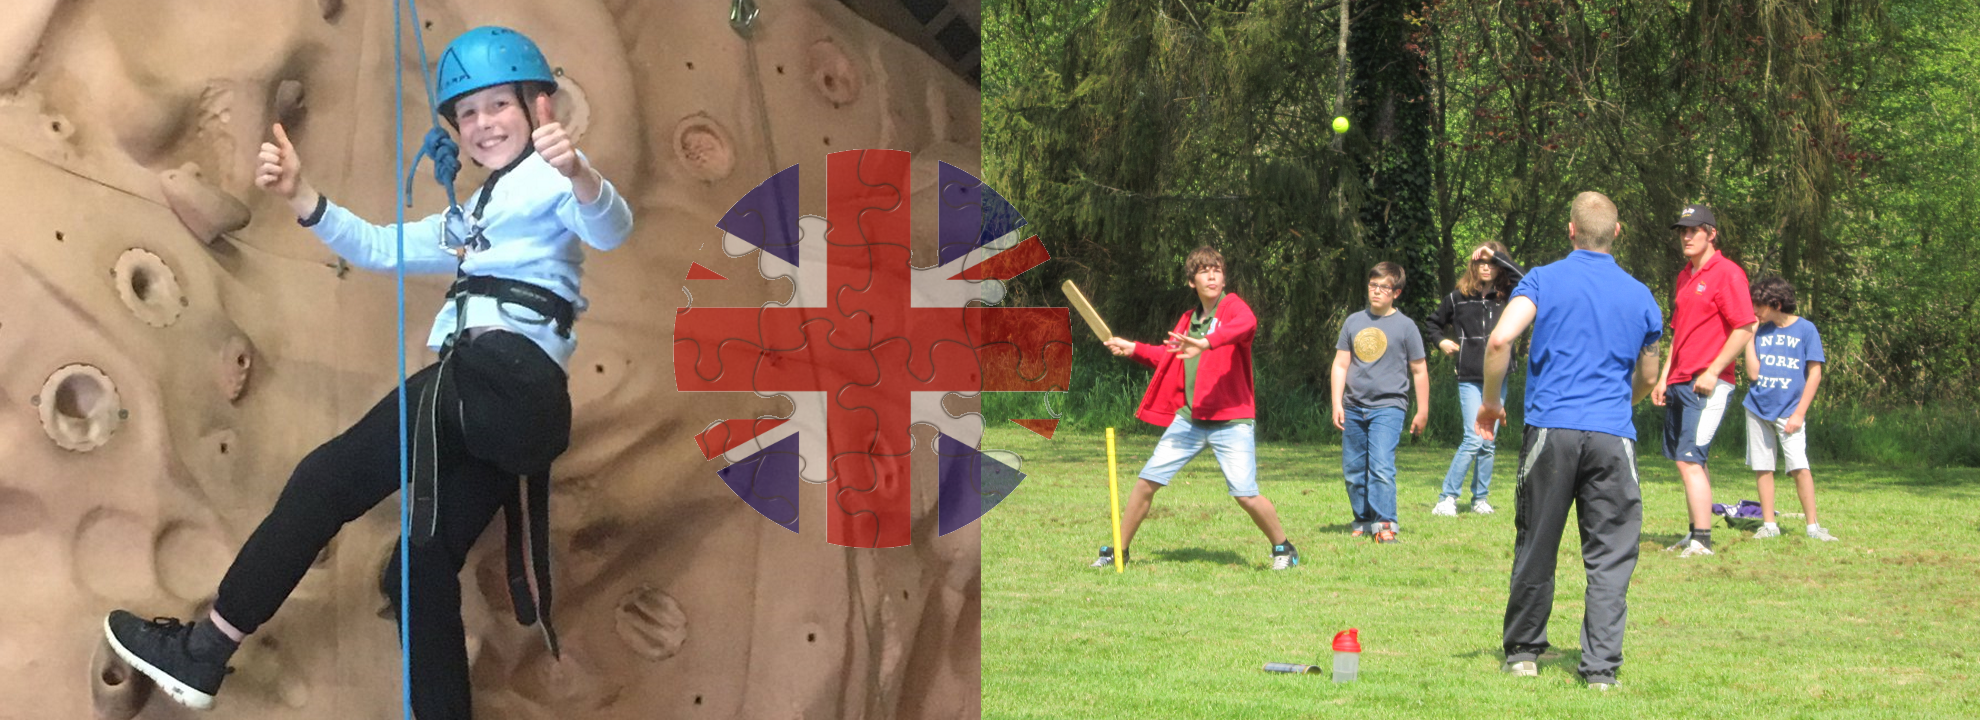 groups d'enfants jouant au cricket a chateau beaumont et garçon souriant en faisant le geste thumbs up pendant l'activite d'escalade en colonie de vacances